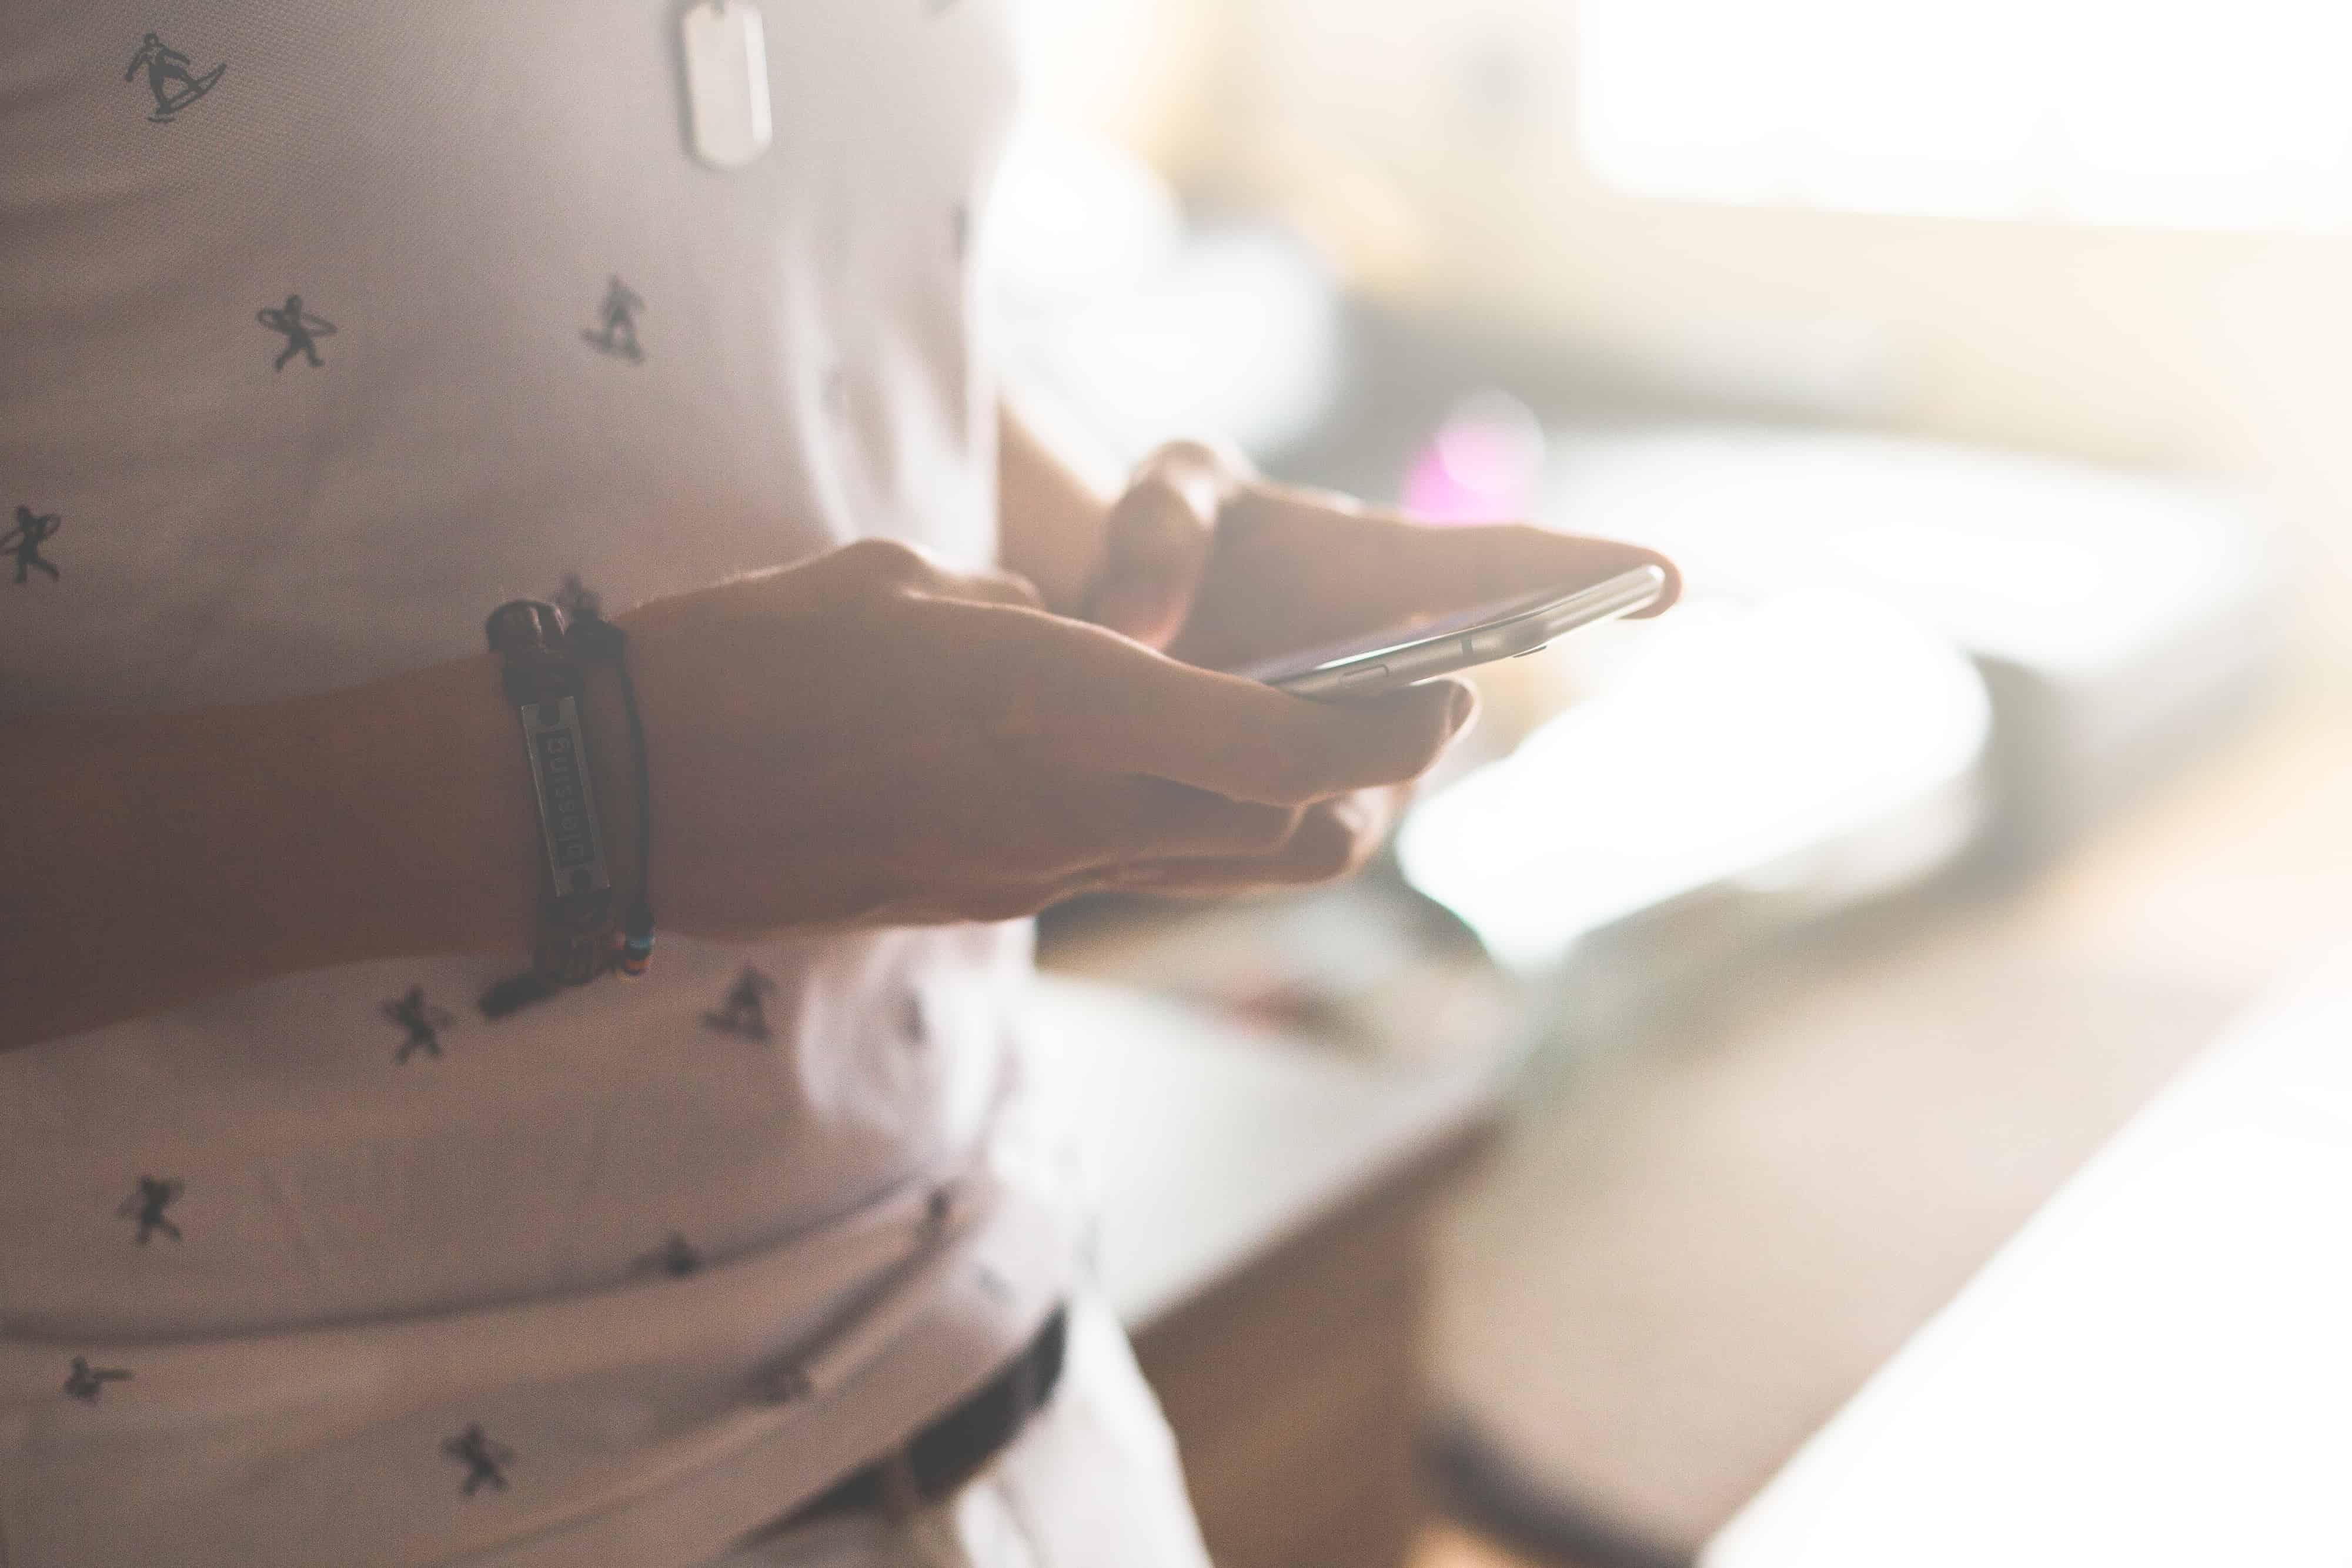 korzystanie z telefonów komórkowych. raport